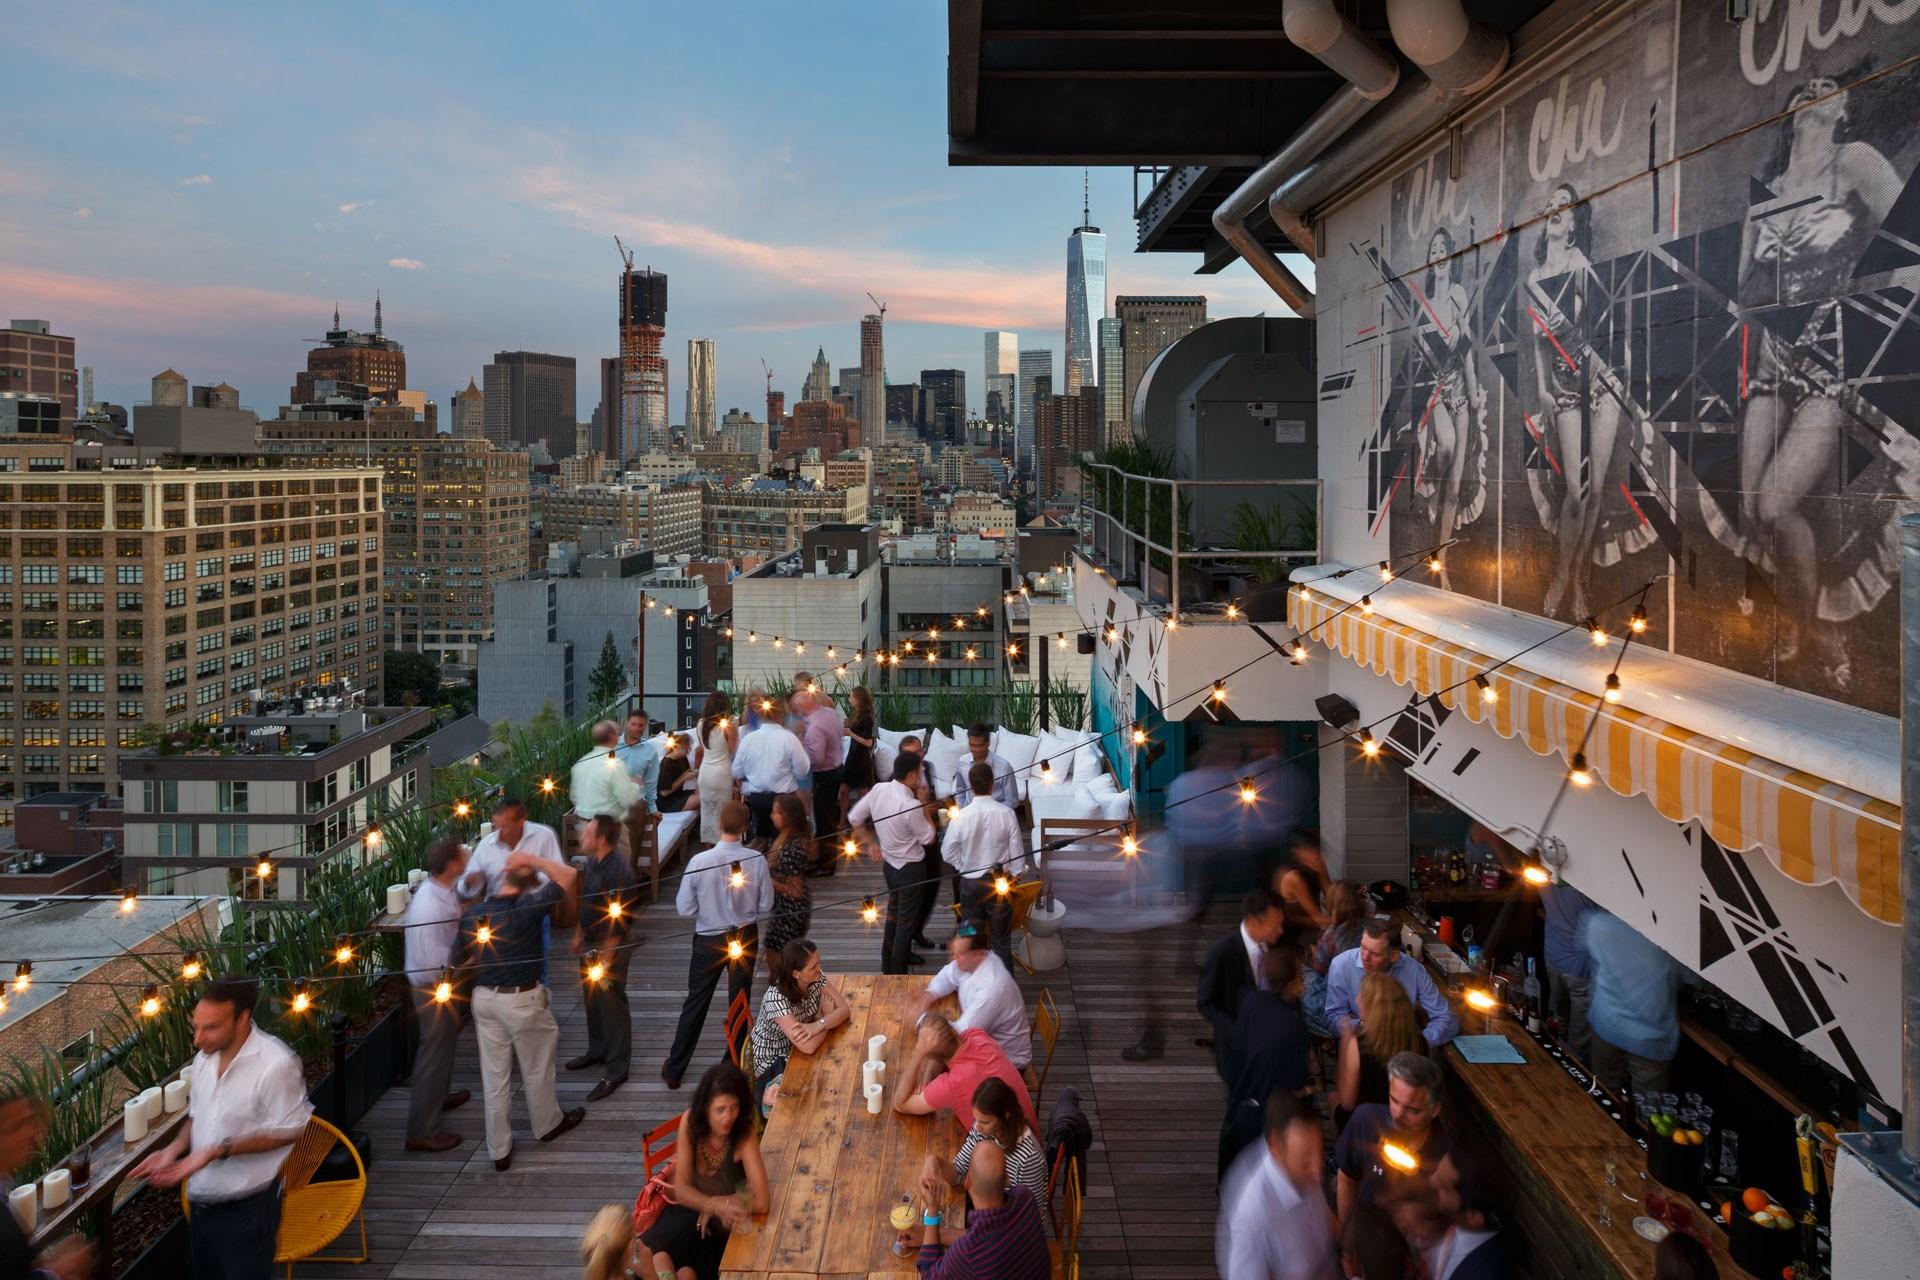 New York City Rooftop Restaurants